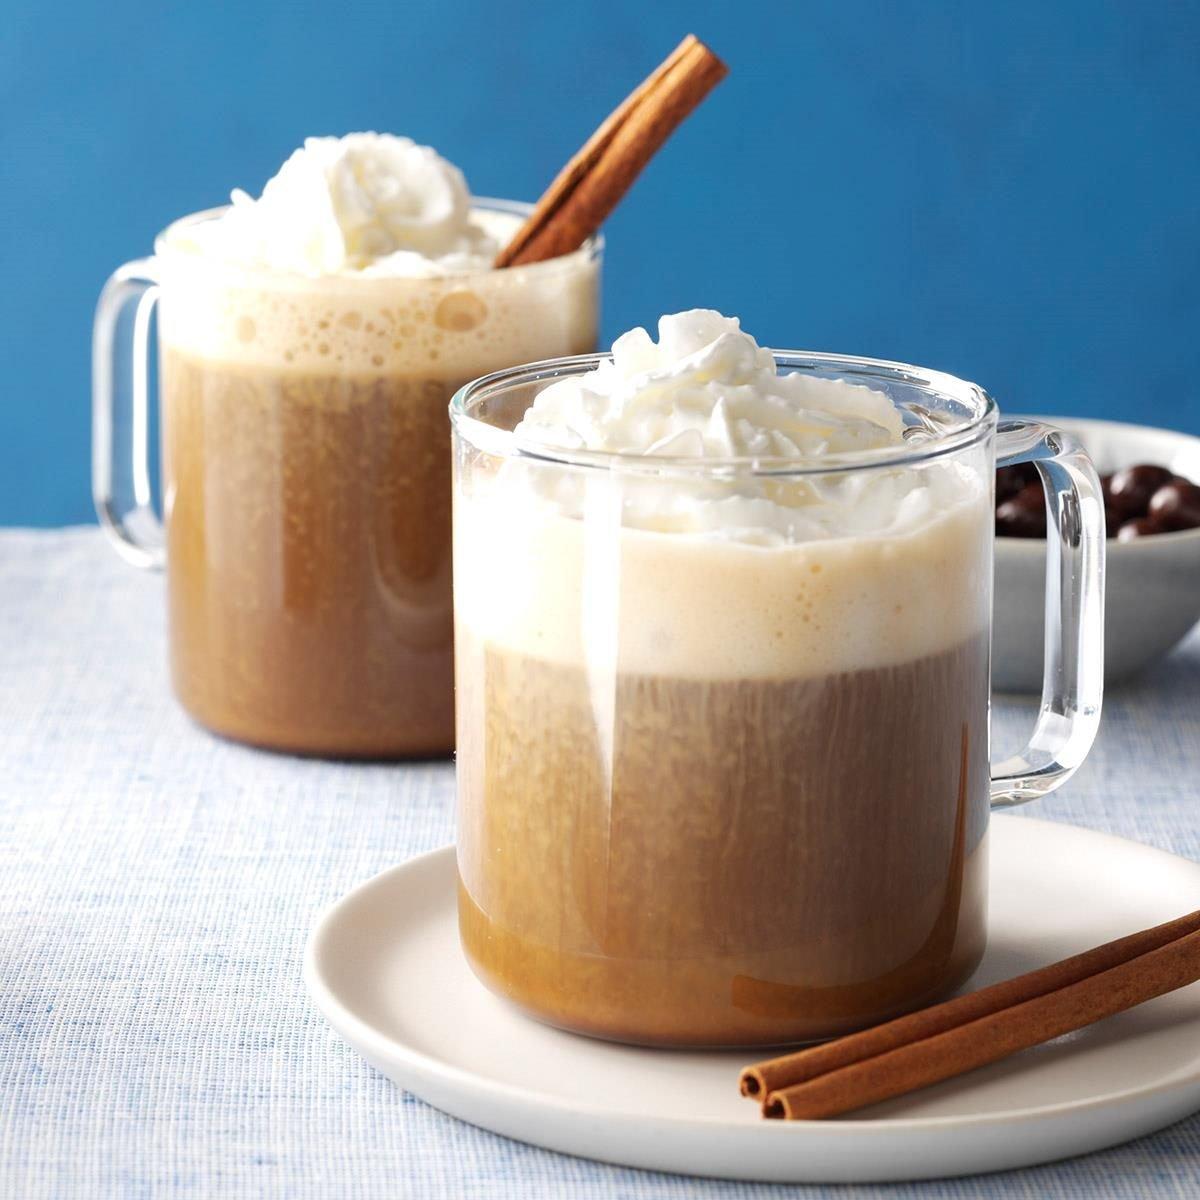 Starbucks Caffe Mocha Copycat